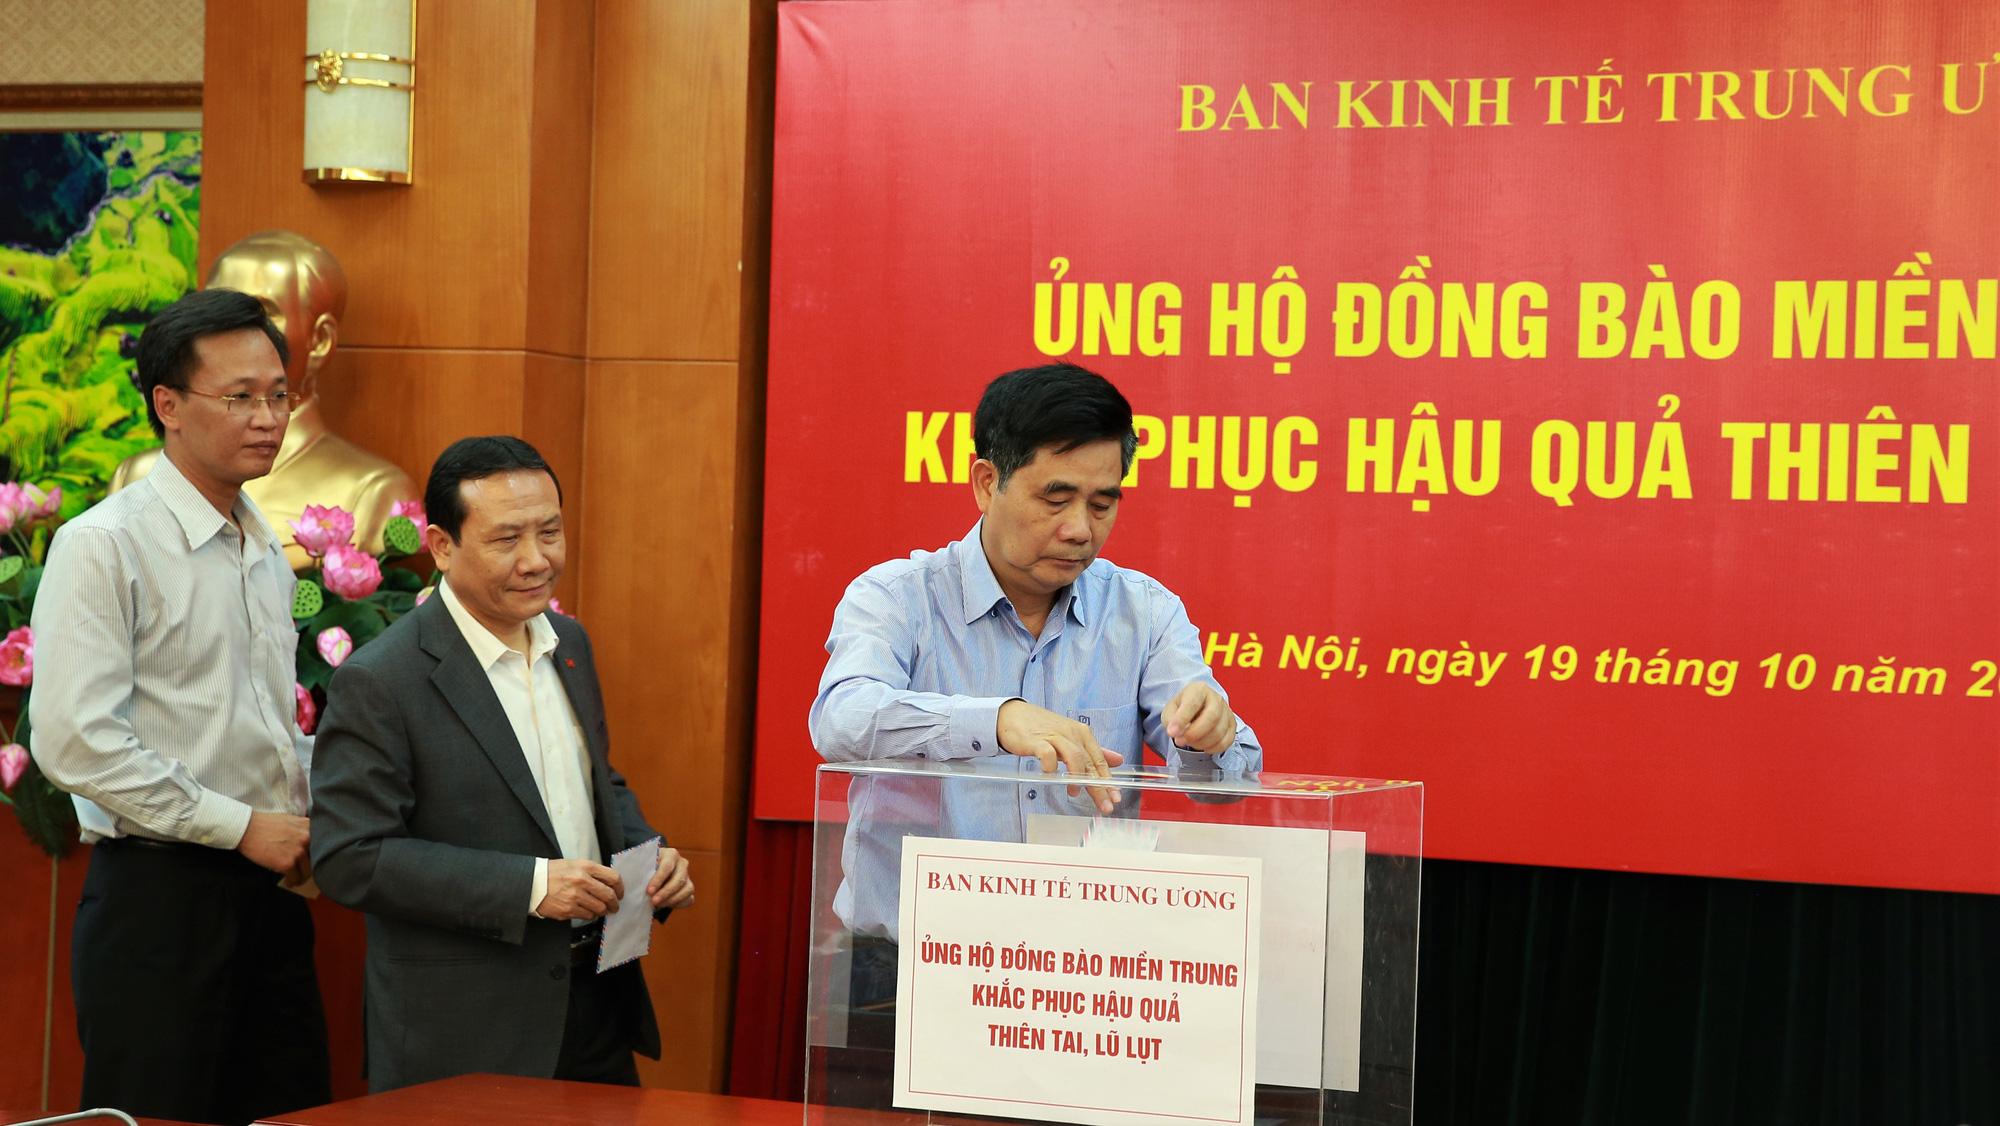 Ban Kinh tế Trung ương tổ chức ủng hộ đồng bào Miền Trung khắc phục hậu quả thiên tai, lũ lụt - Ảnh 2.